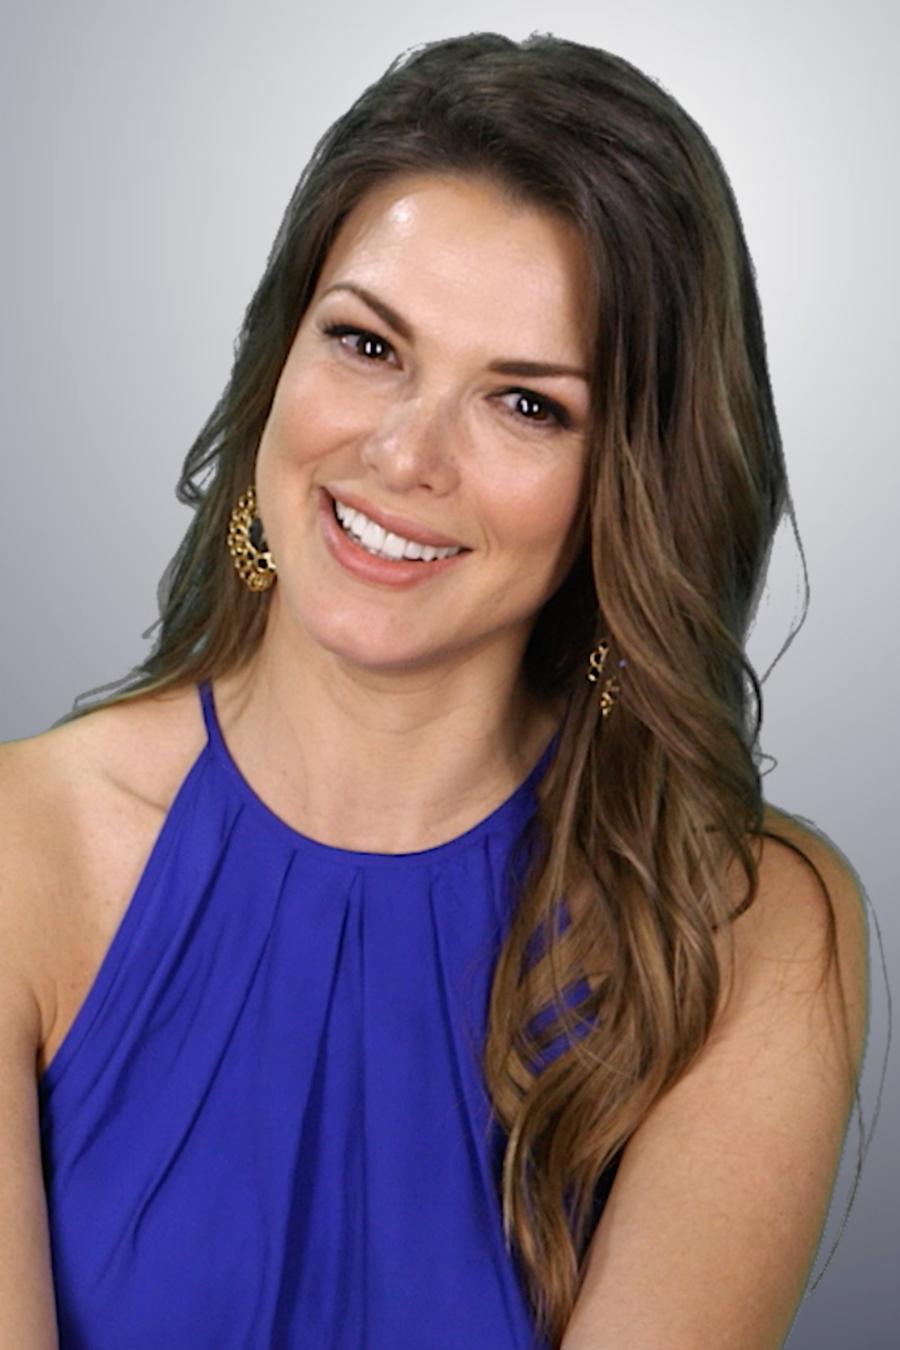 Veronica Schneider